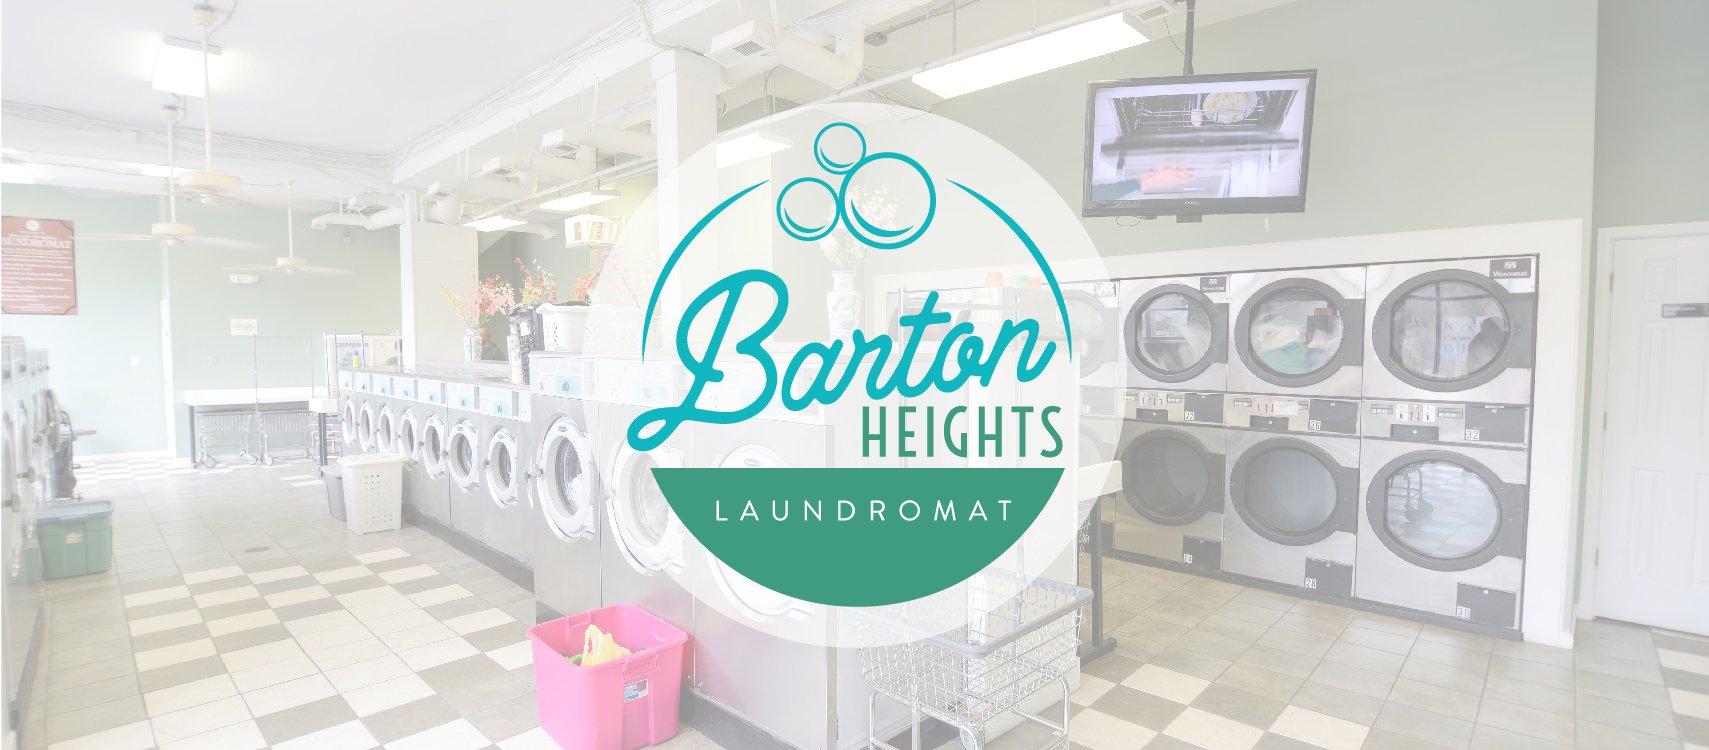 Barton Heights Laundromat